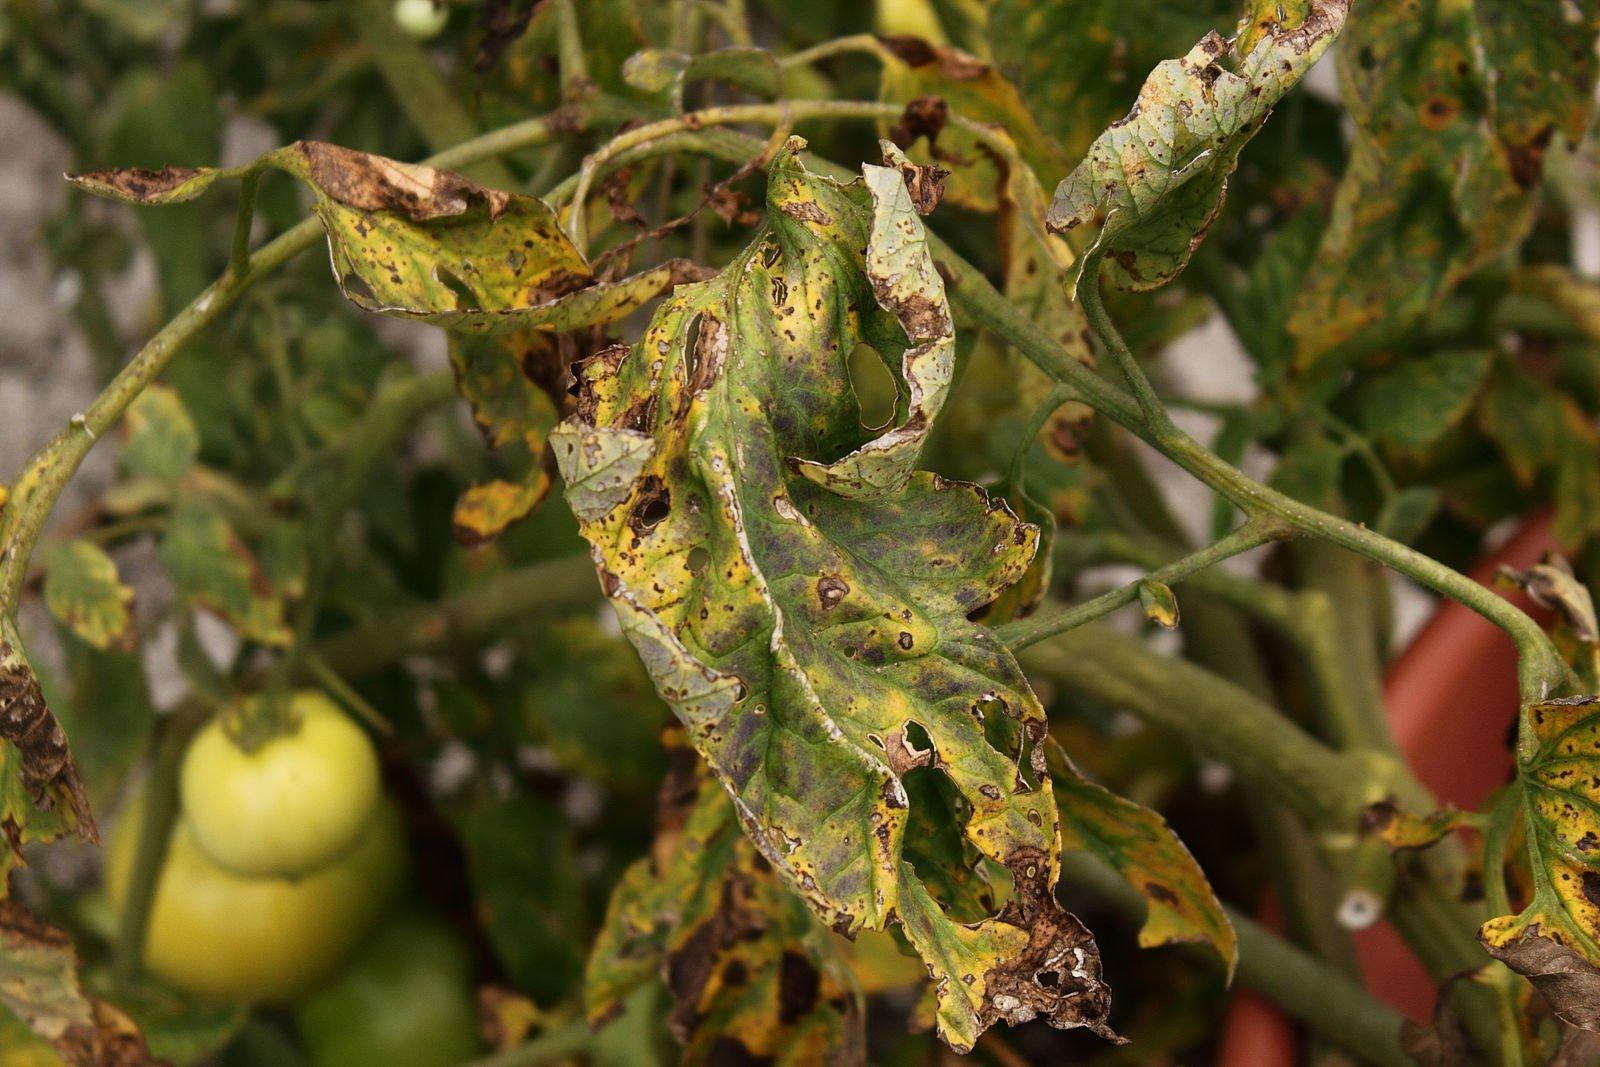 признаки и лечение кладоспориоза томатов в теплице и в открытом грунте